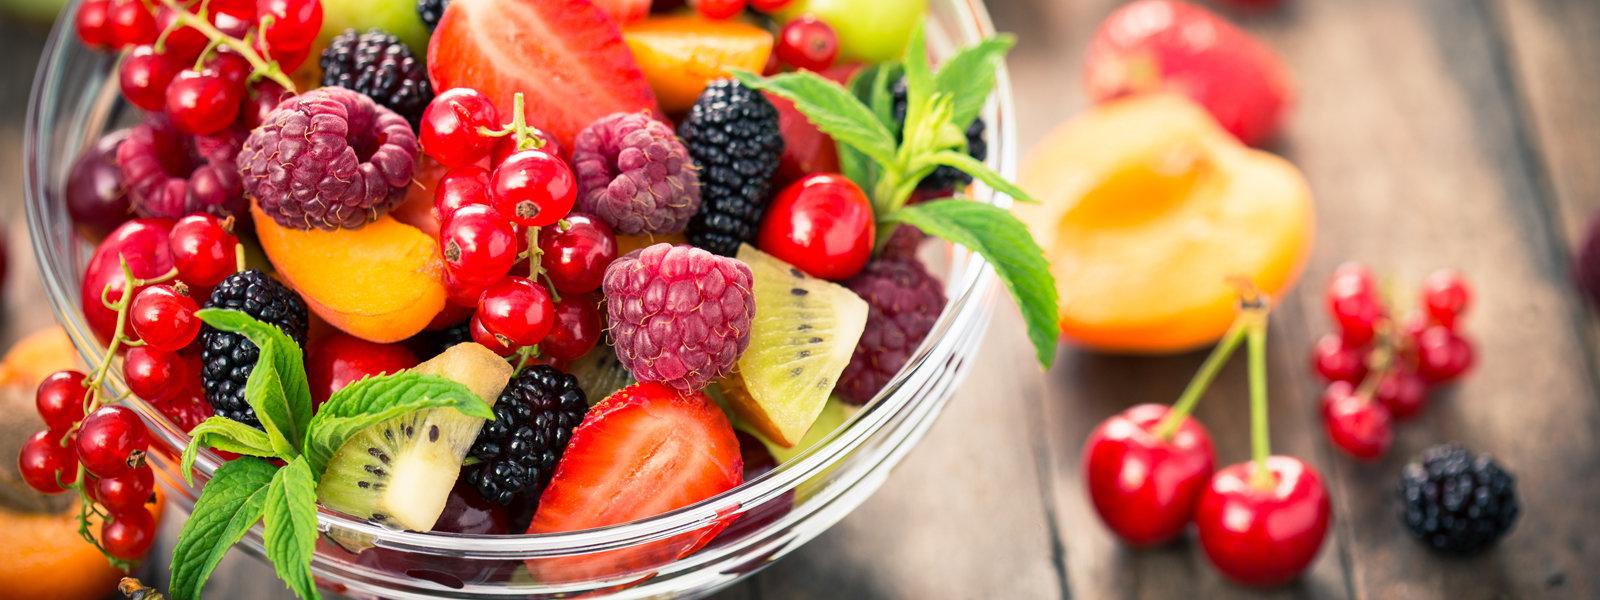 La bonne chose est que vous pouvez choisir n'importe quel fruit de saison que vous aimez.